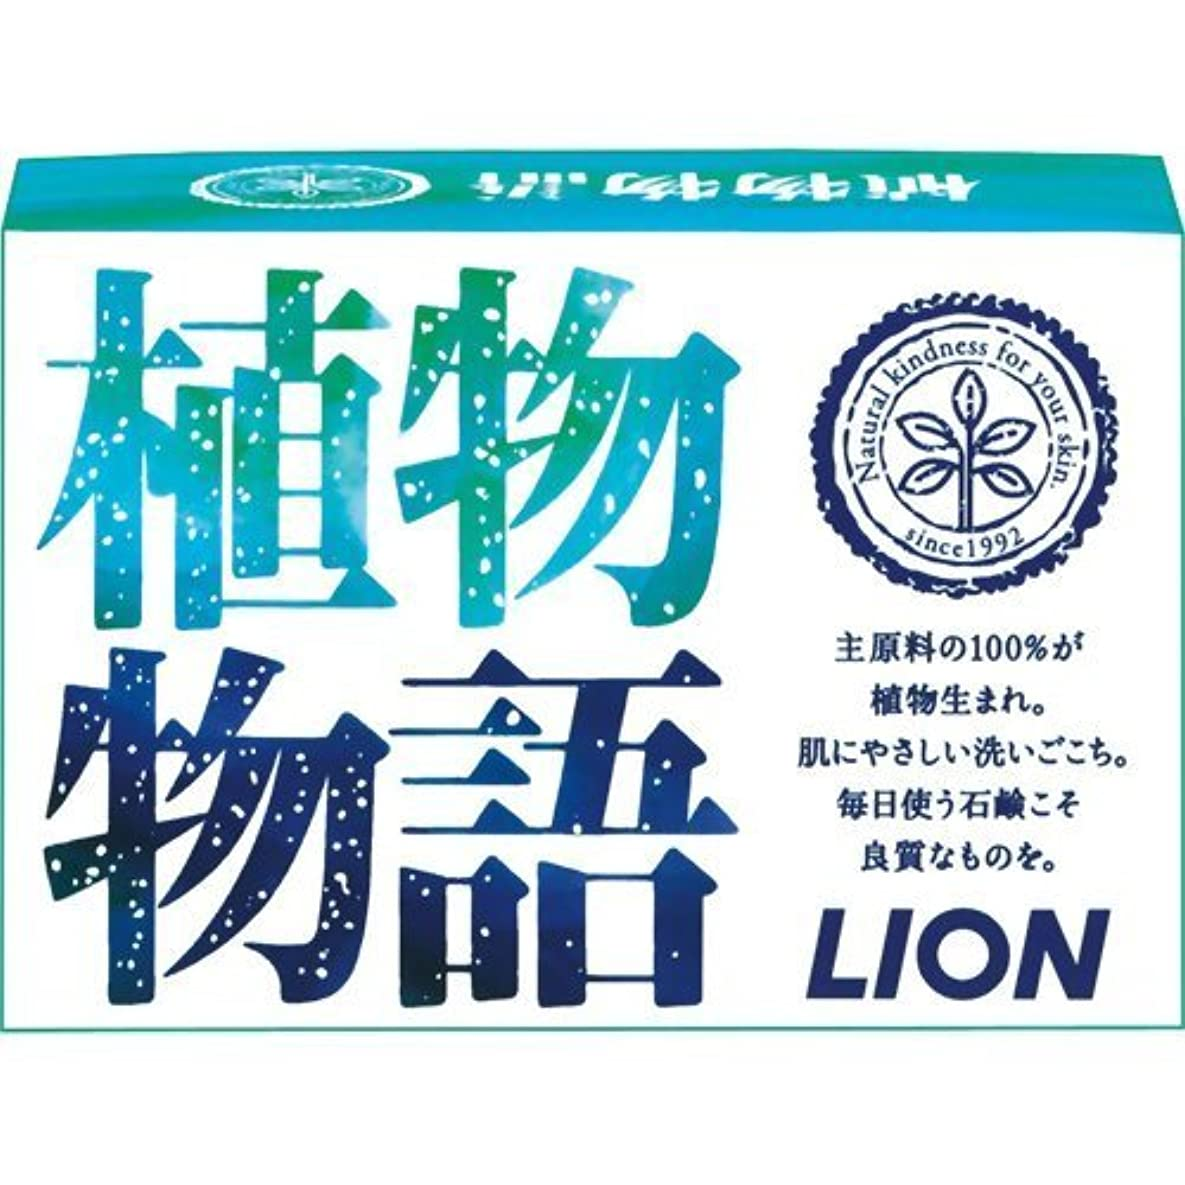 背景パズル鮮やかなライオン 植物物語 化粧石鹸  1個